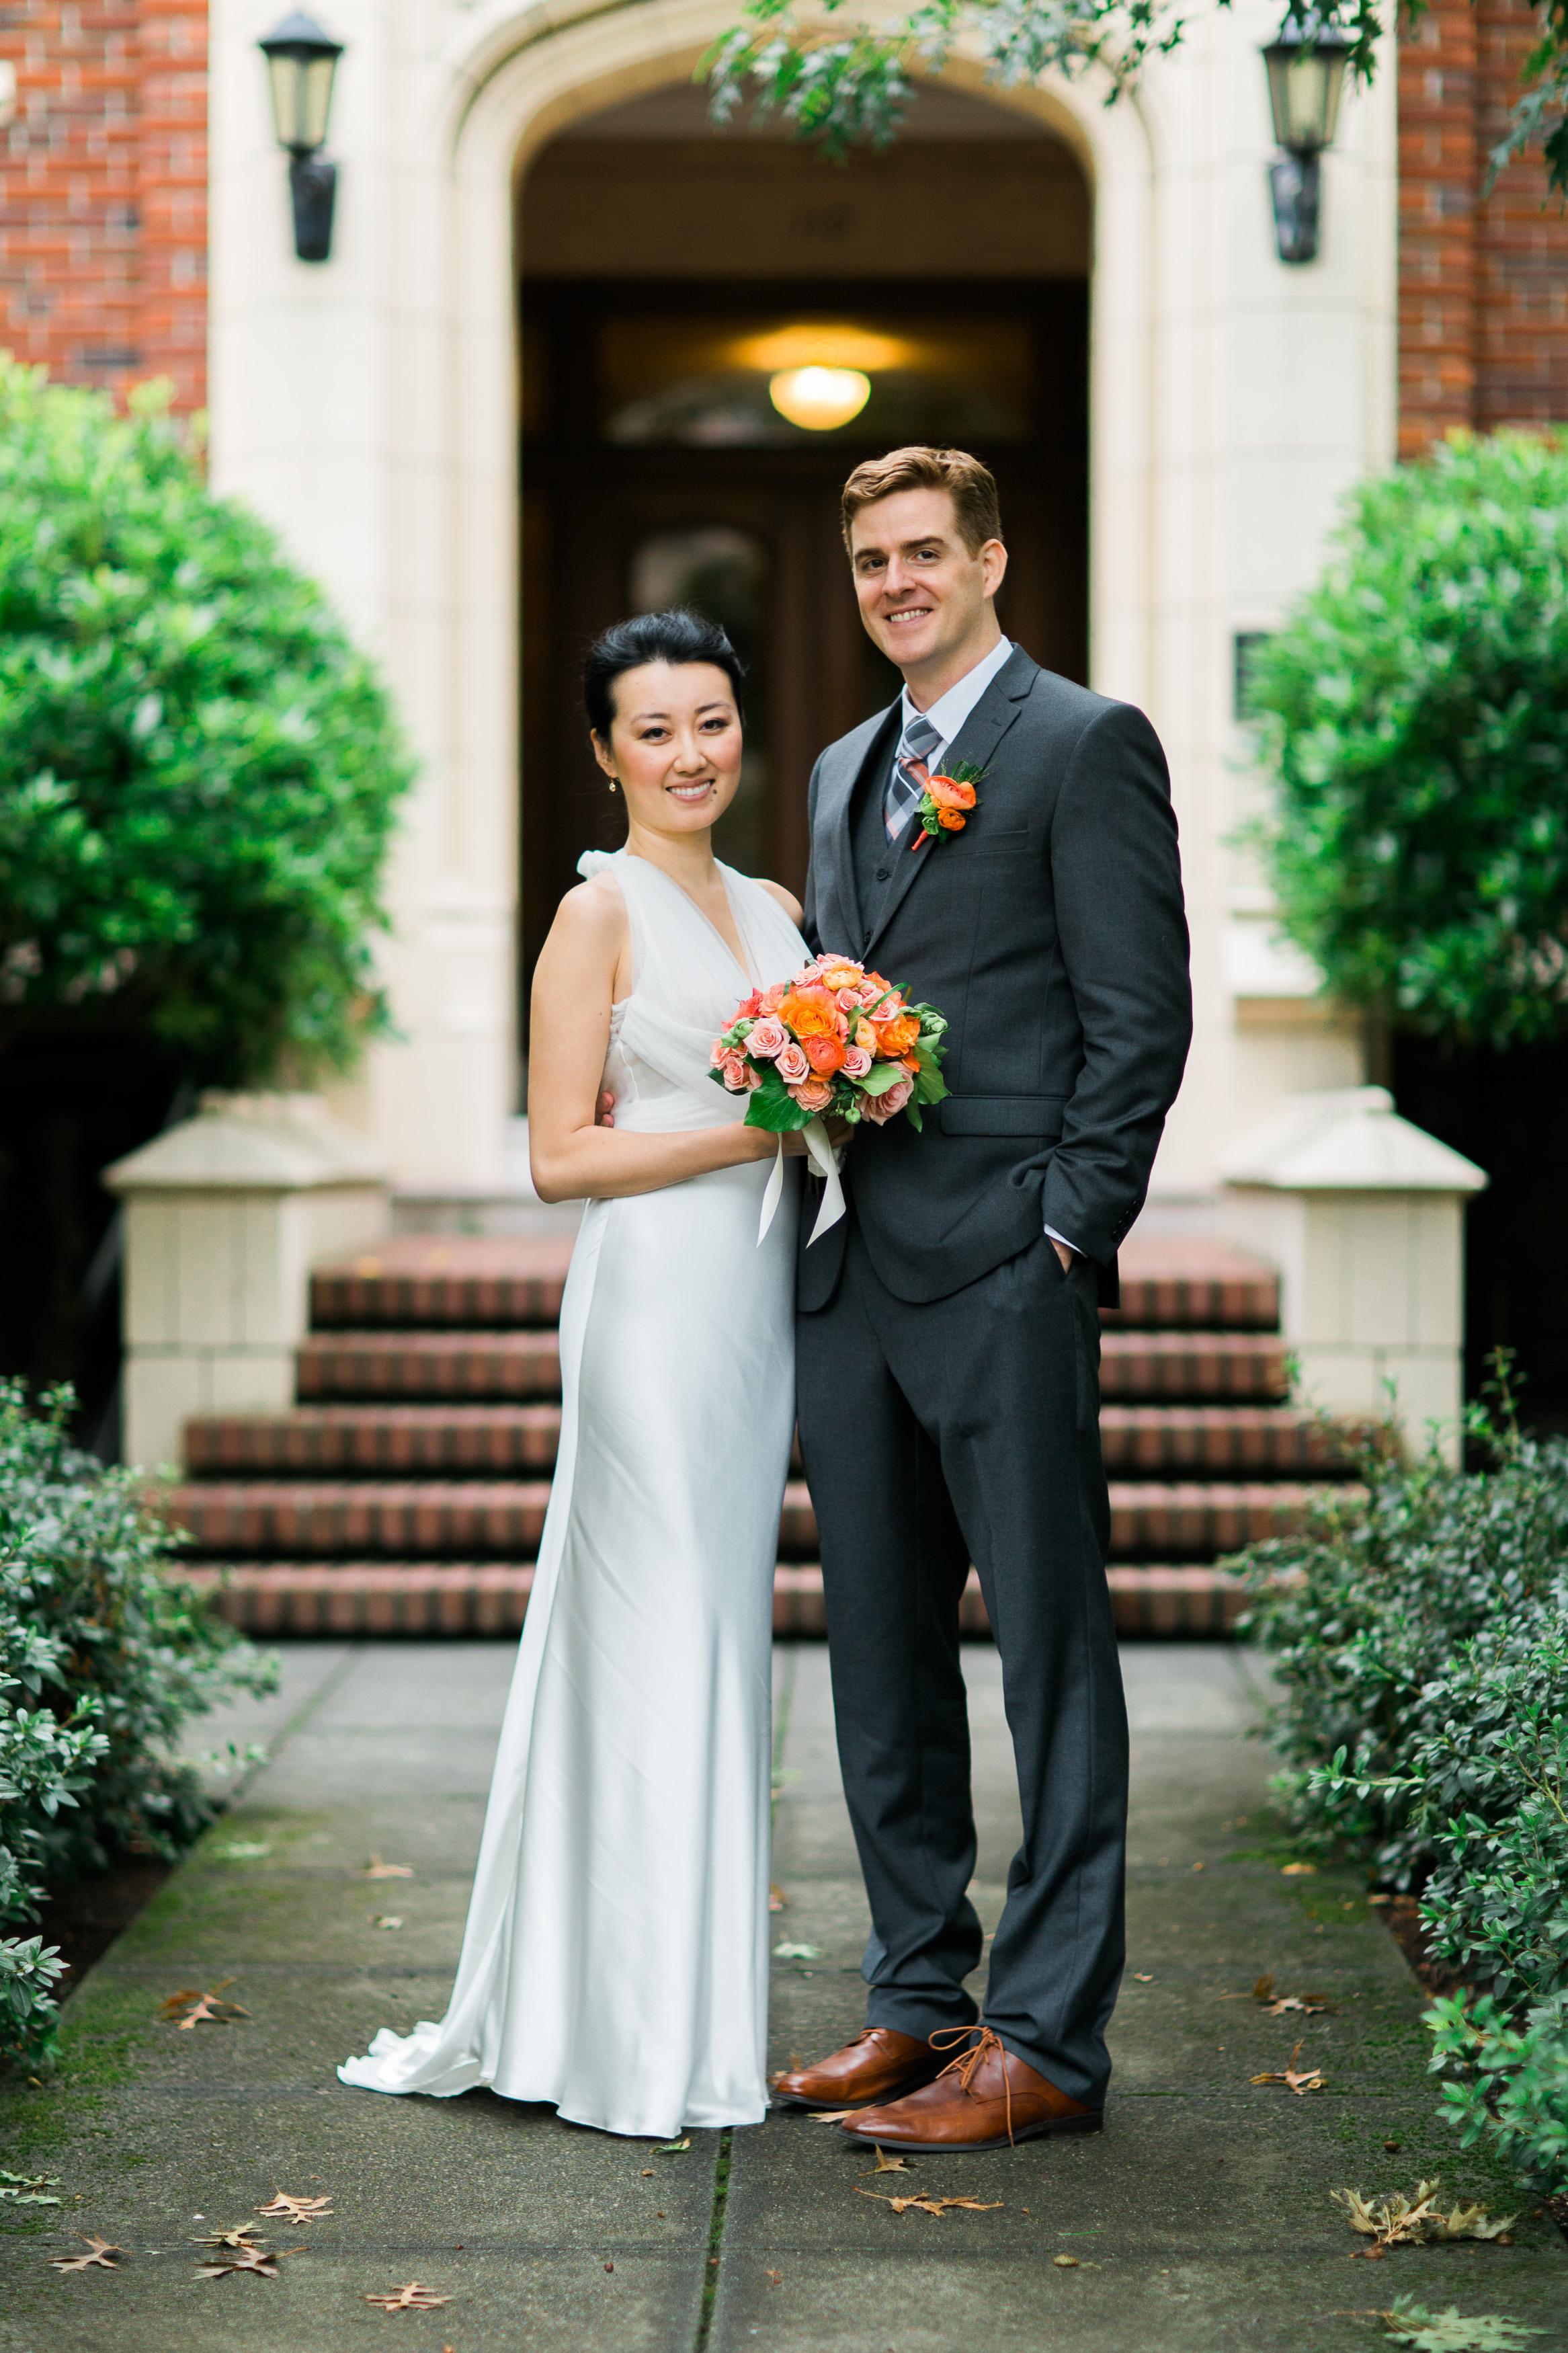 Parsons Garden Wedding   Asgari Photography   Chinese Wedding Planner   Seattle Wedding Planner